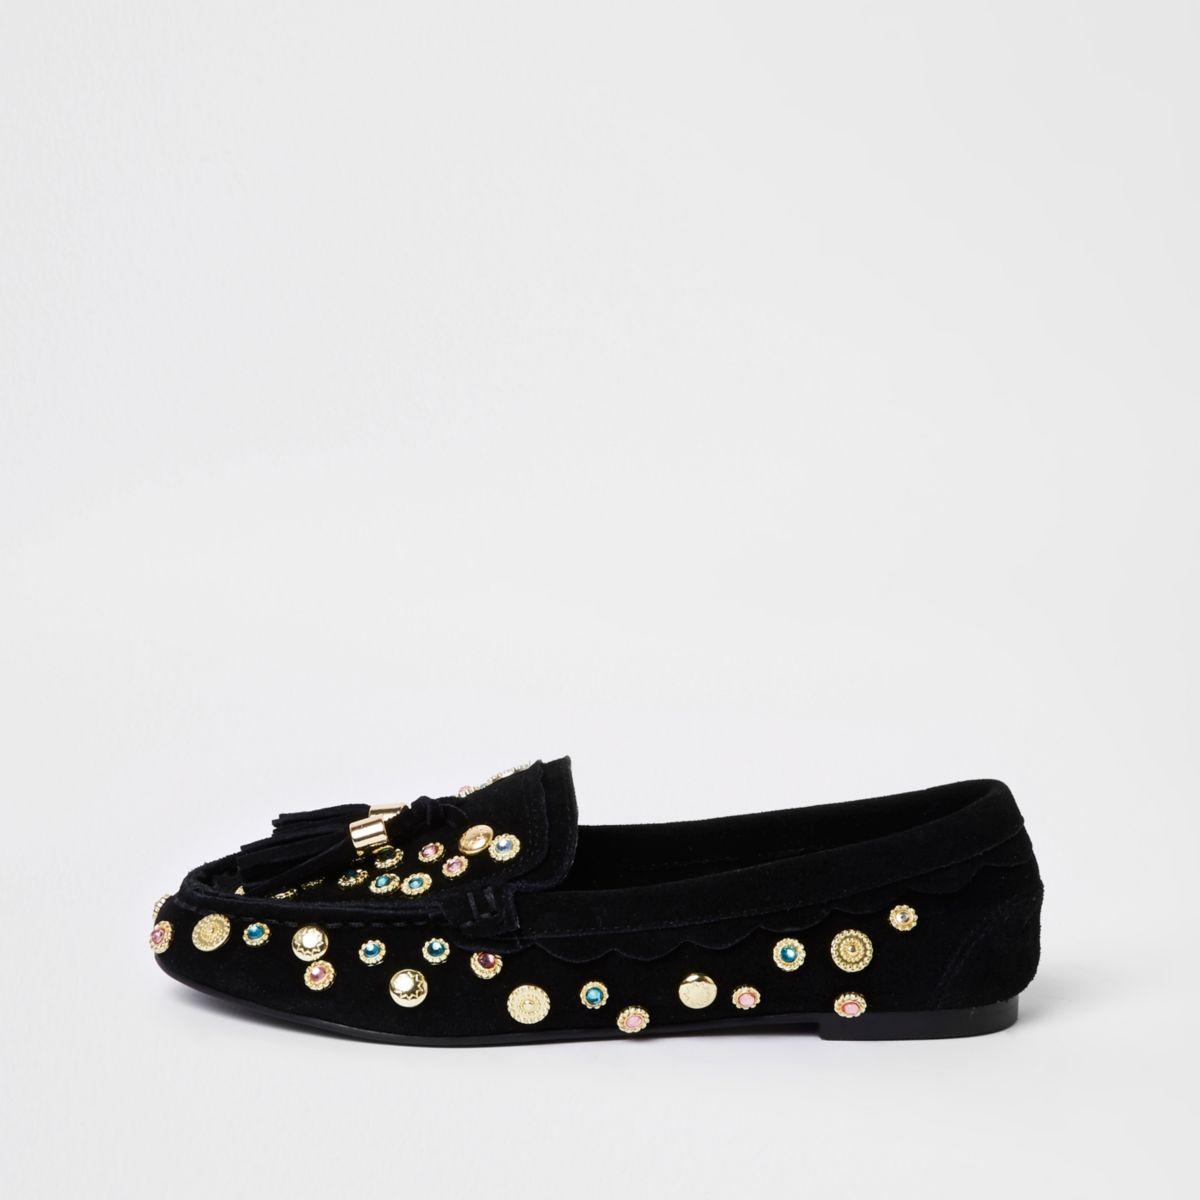 Black suede tassel embellished moccasins